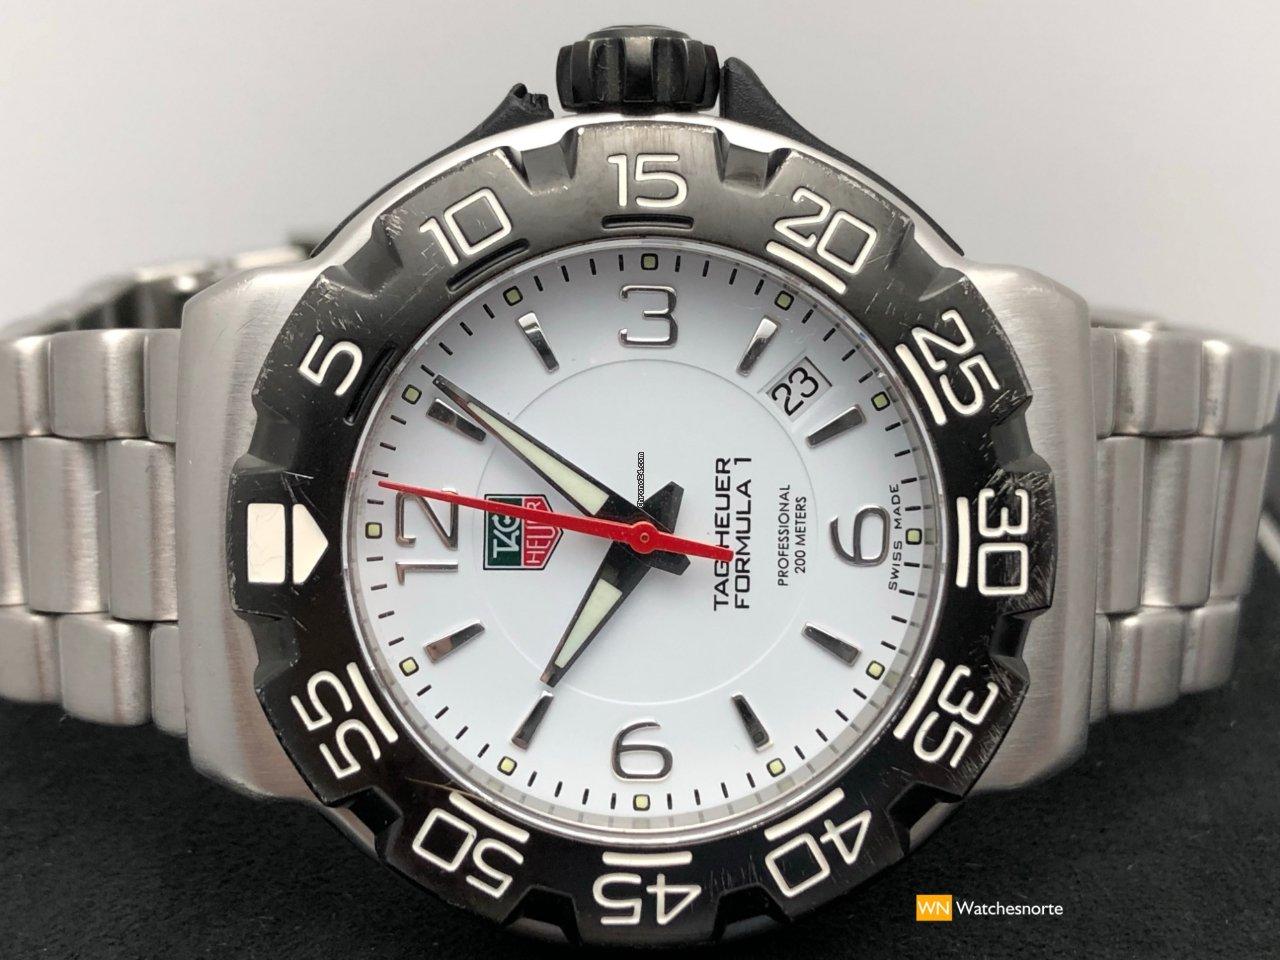 7ad3f4d09b97 Relojes TAG Heuer - Precios de todos los relojes TAG Heuer en Chrono24